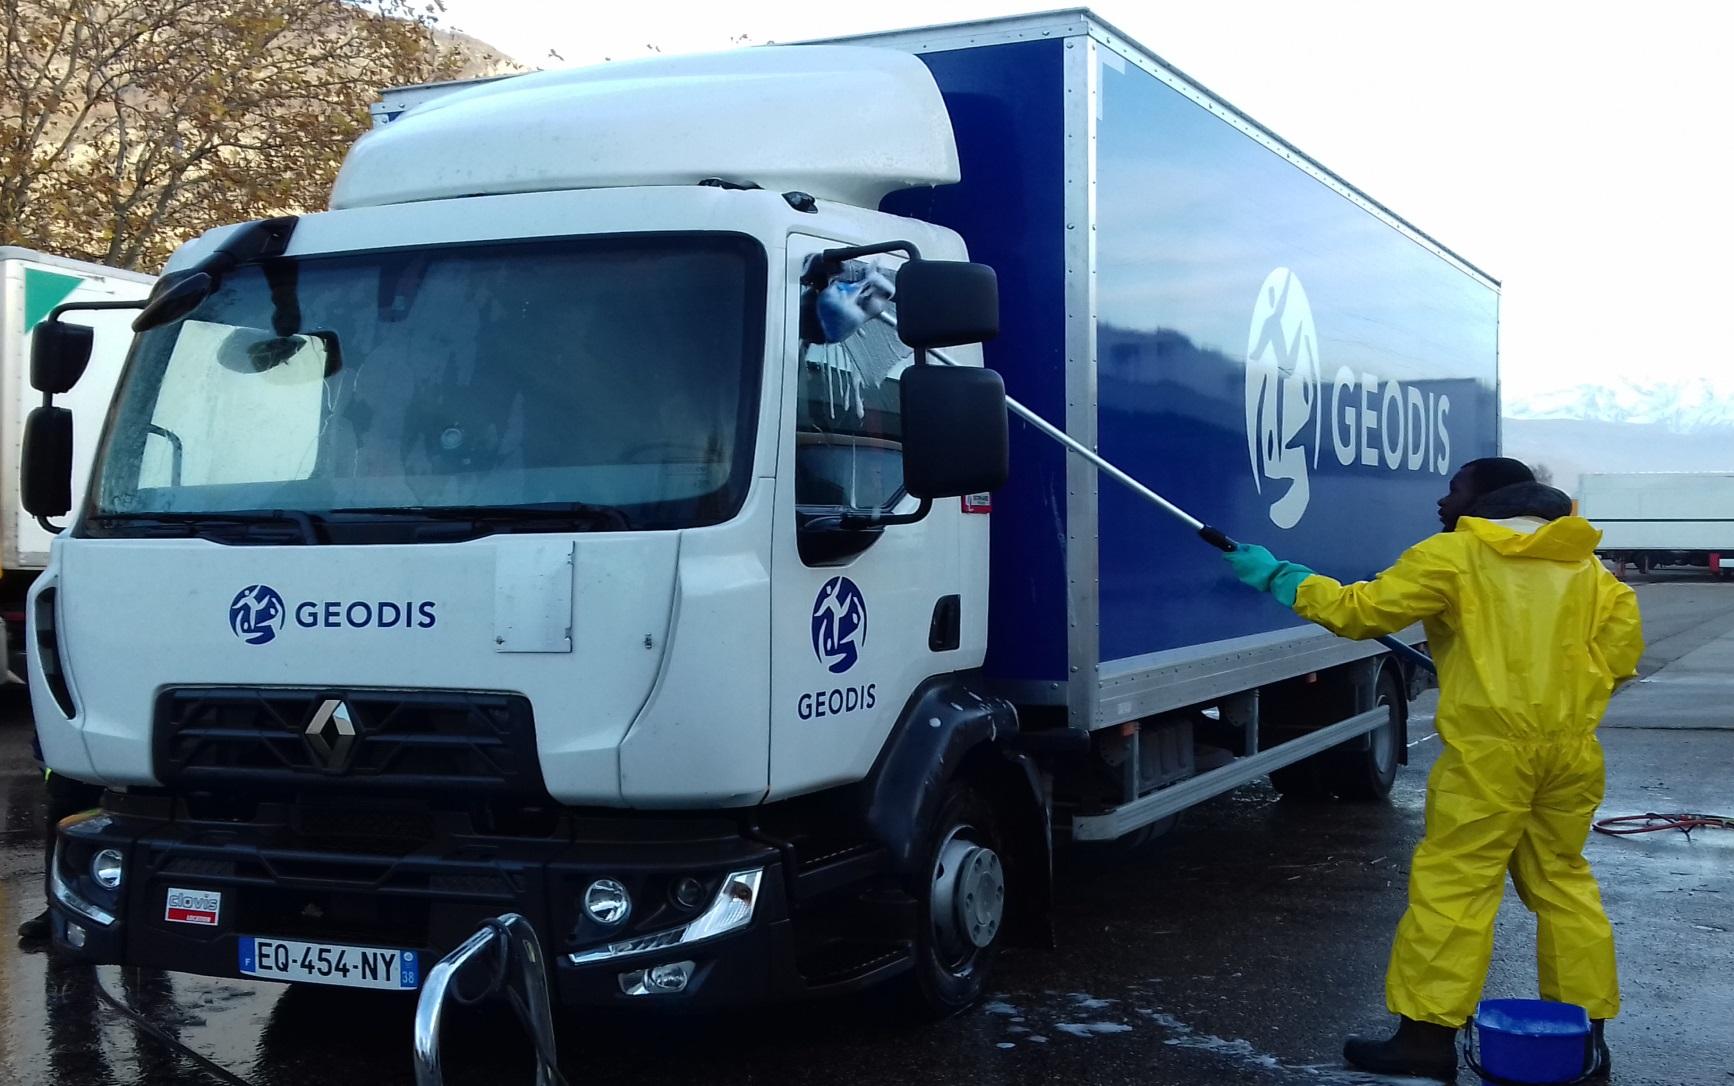 Nettoyage de camions